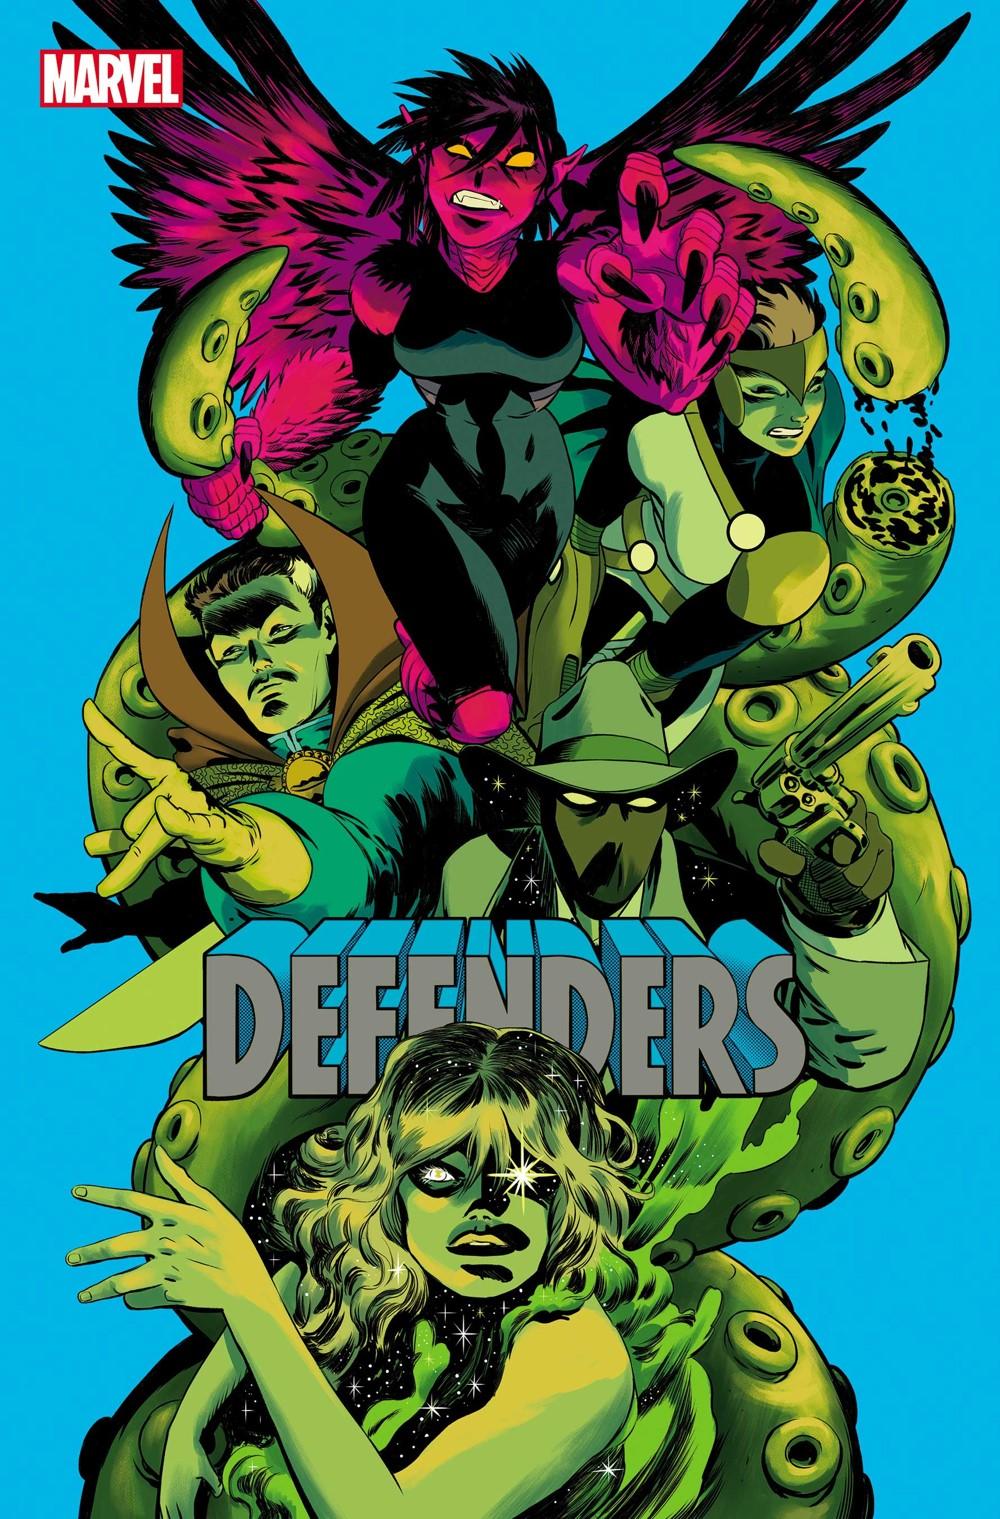 DEFENDERS2021003_cvr Marvel Comics October 2021 Solicitations